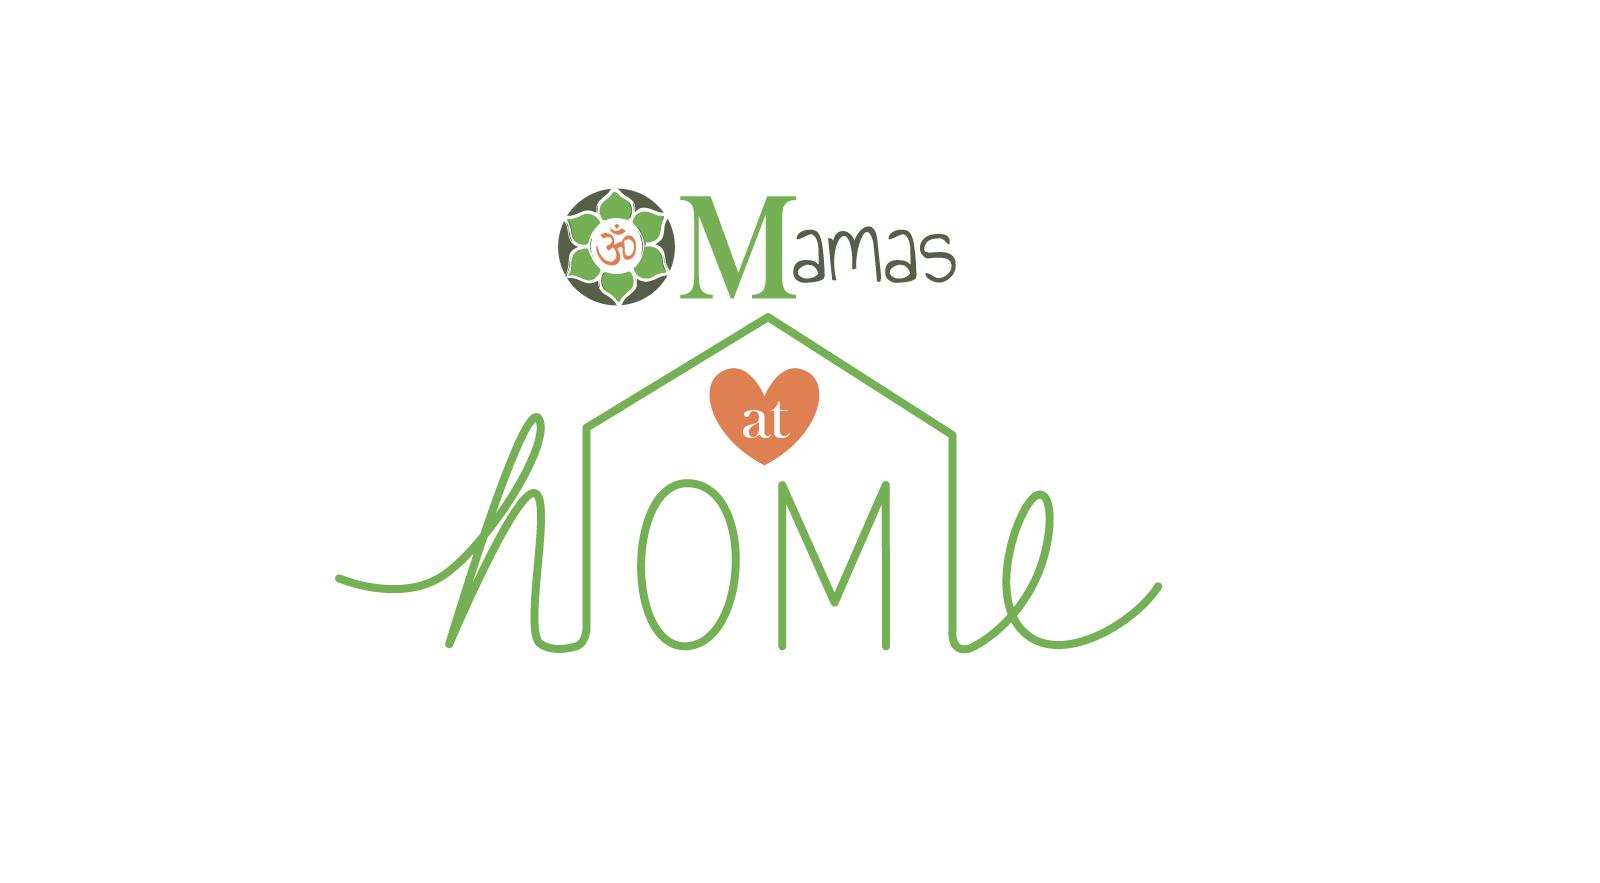 OMamas at hOMe Facebook Group